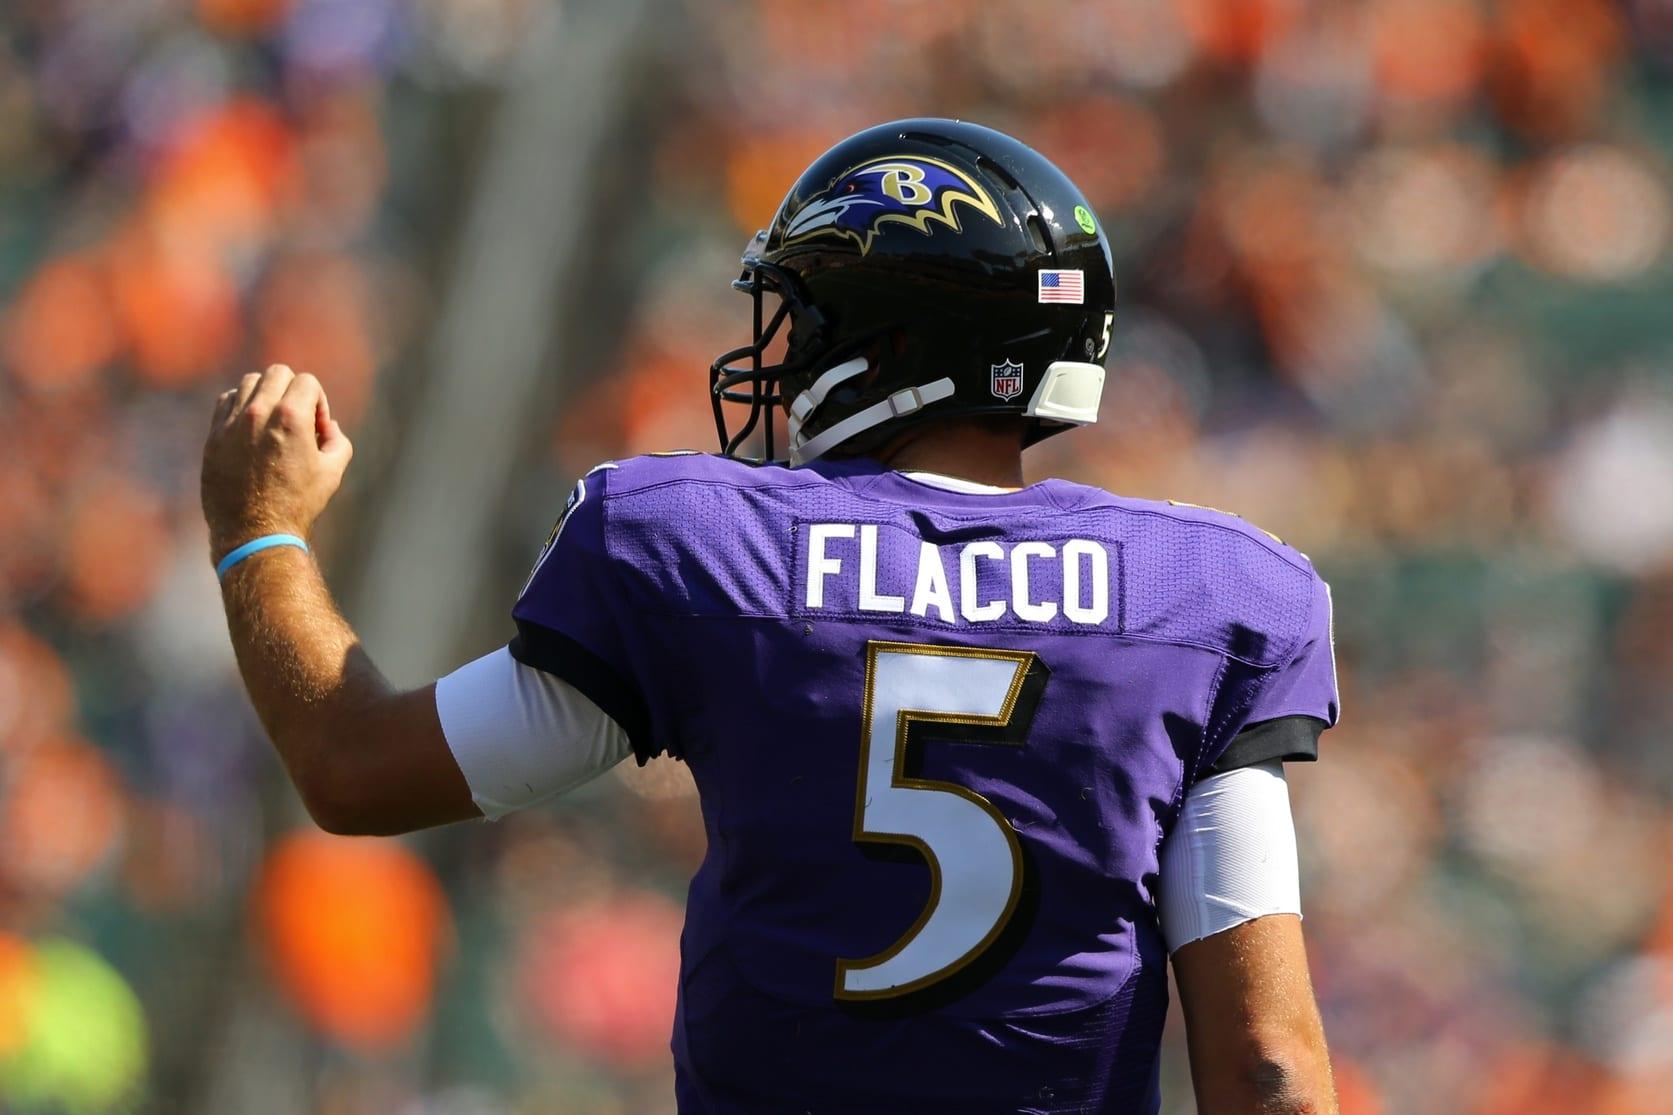 Joe-flacco-3